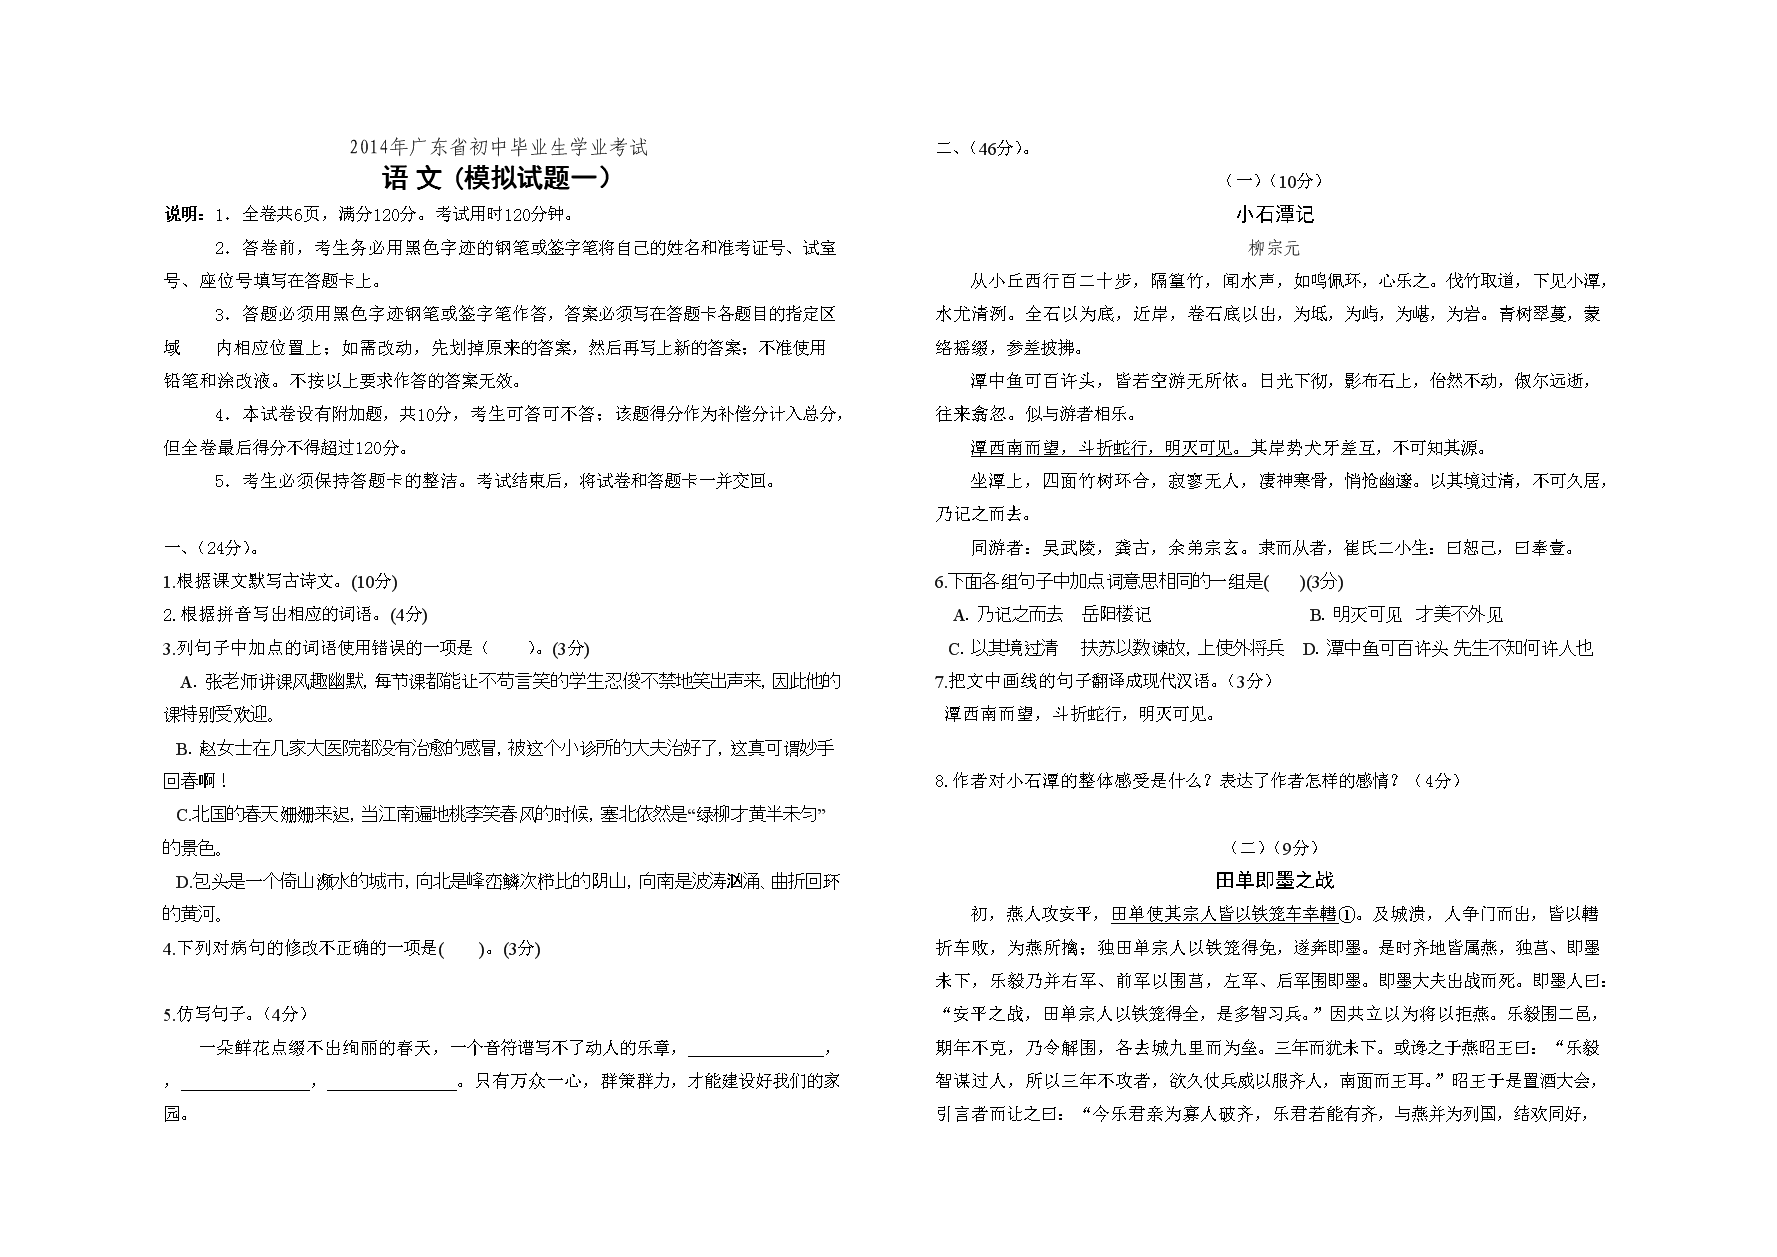 2014广东中考初中模拟一技术学生.doc方案有江山市语文个几图片